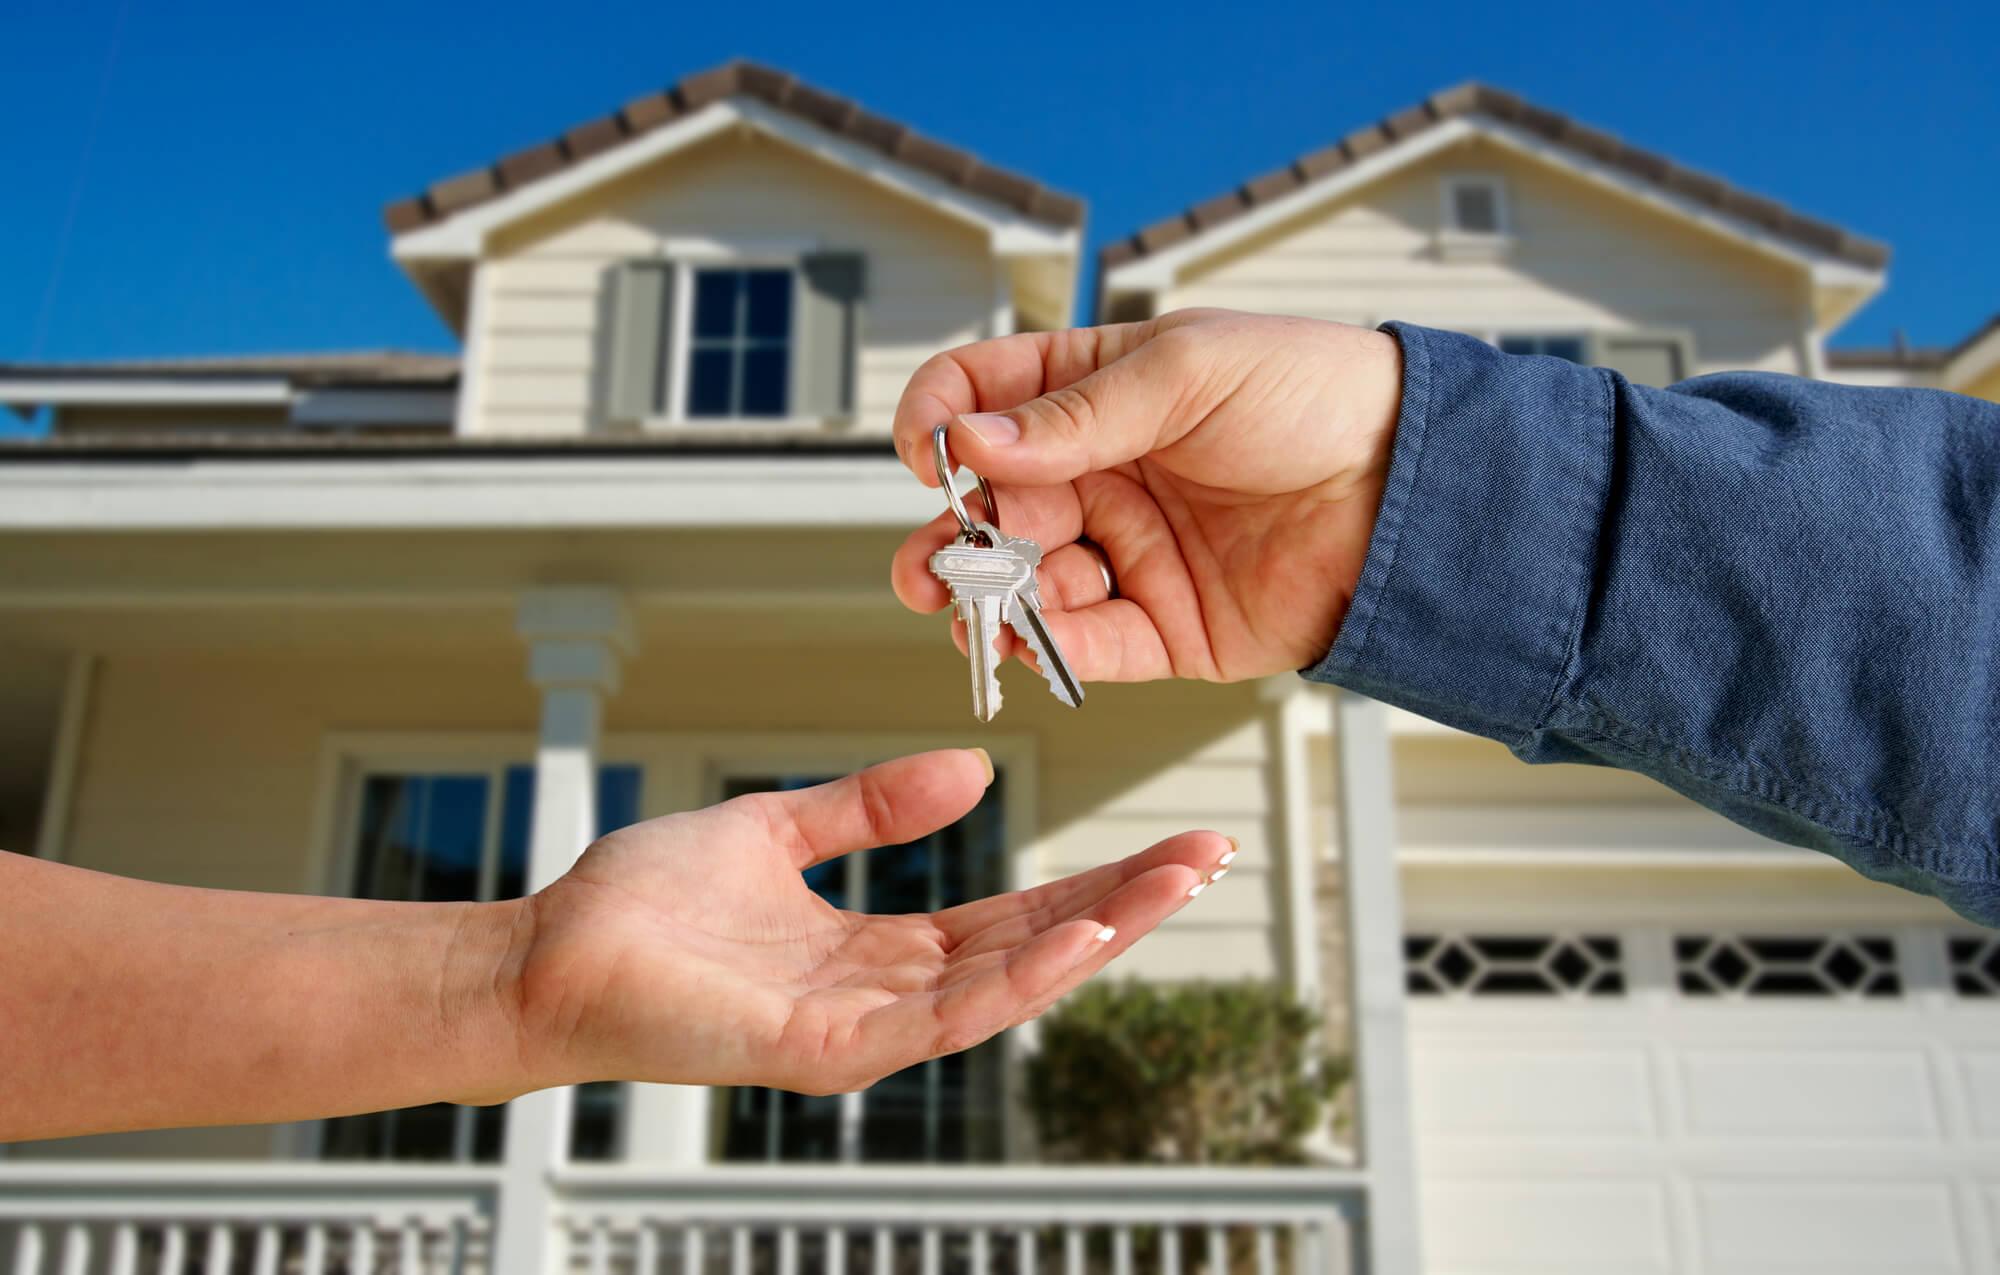 сдача в аренду недвижимого имущества москва спросил Элвин